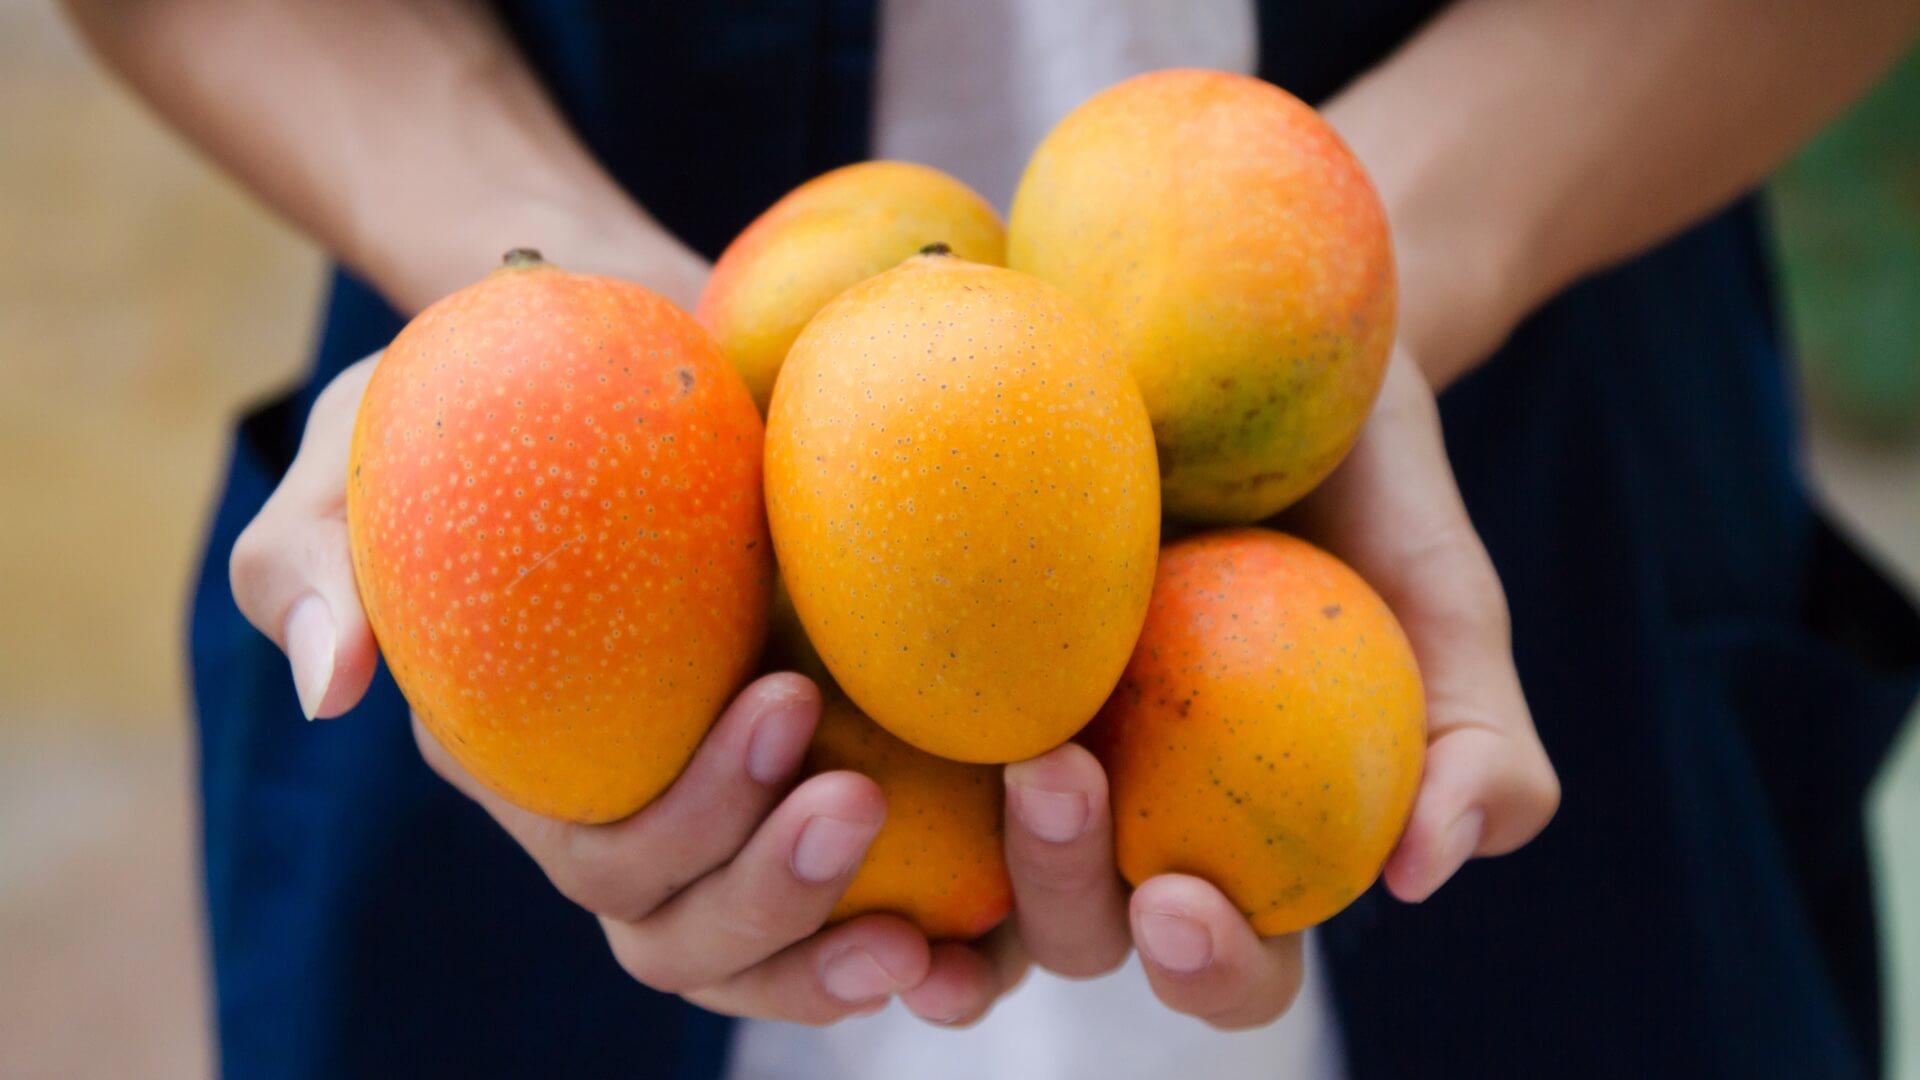 Descubre los manjares de la Costa Tropical y tres recetas sorprendentes